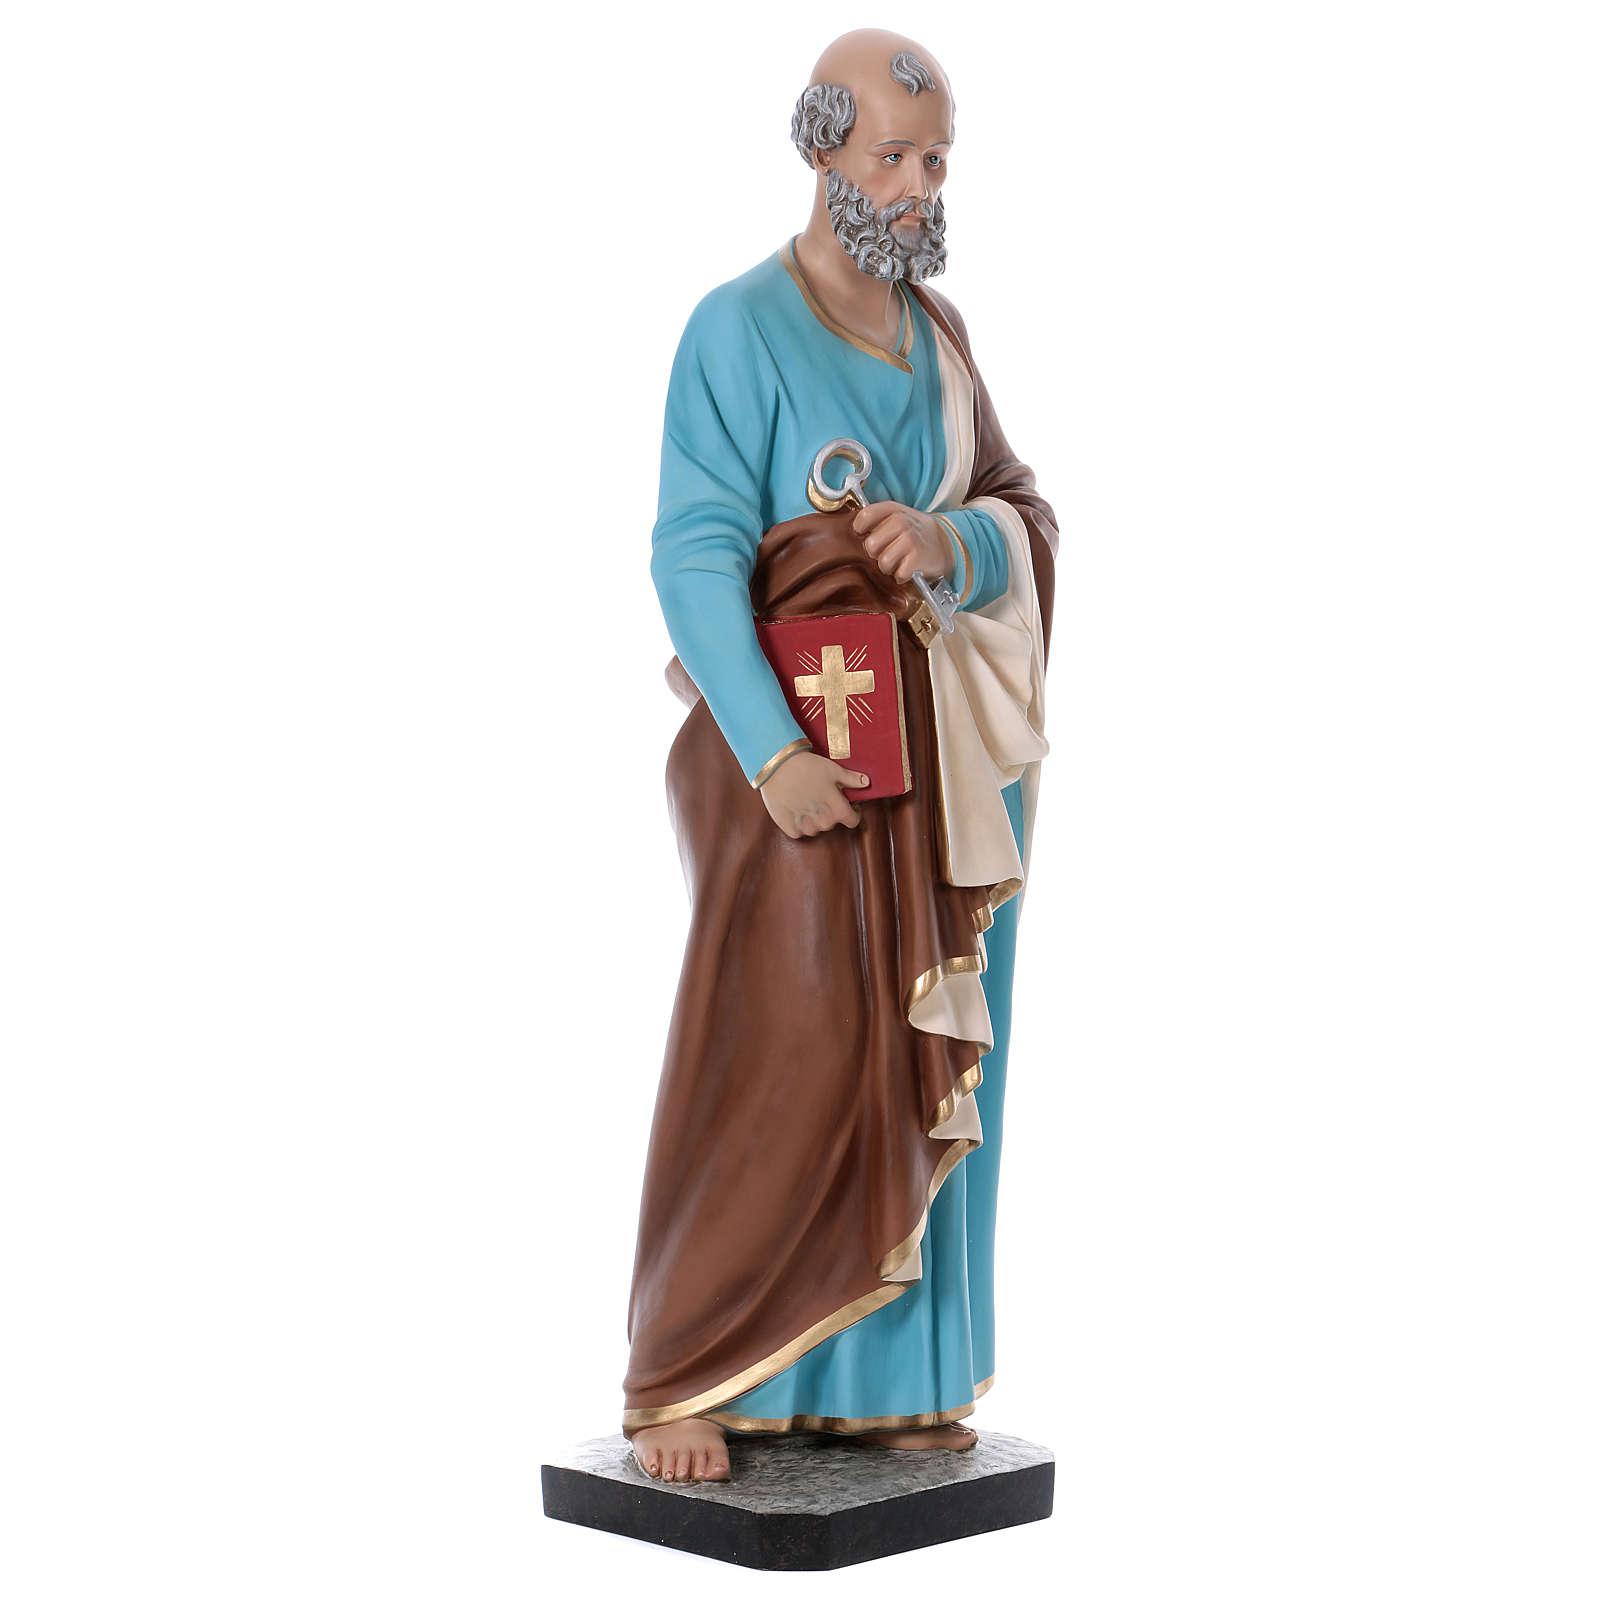 Statua San Pietro 110 cm vetroresina colorata 4